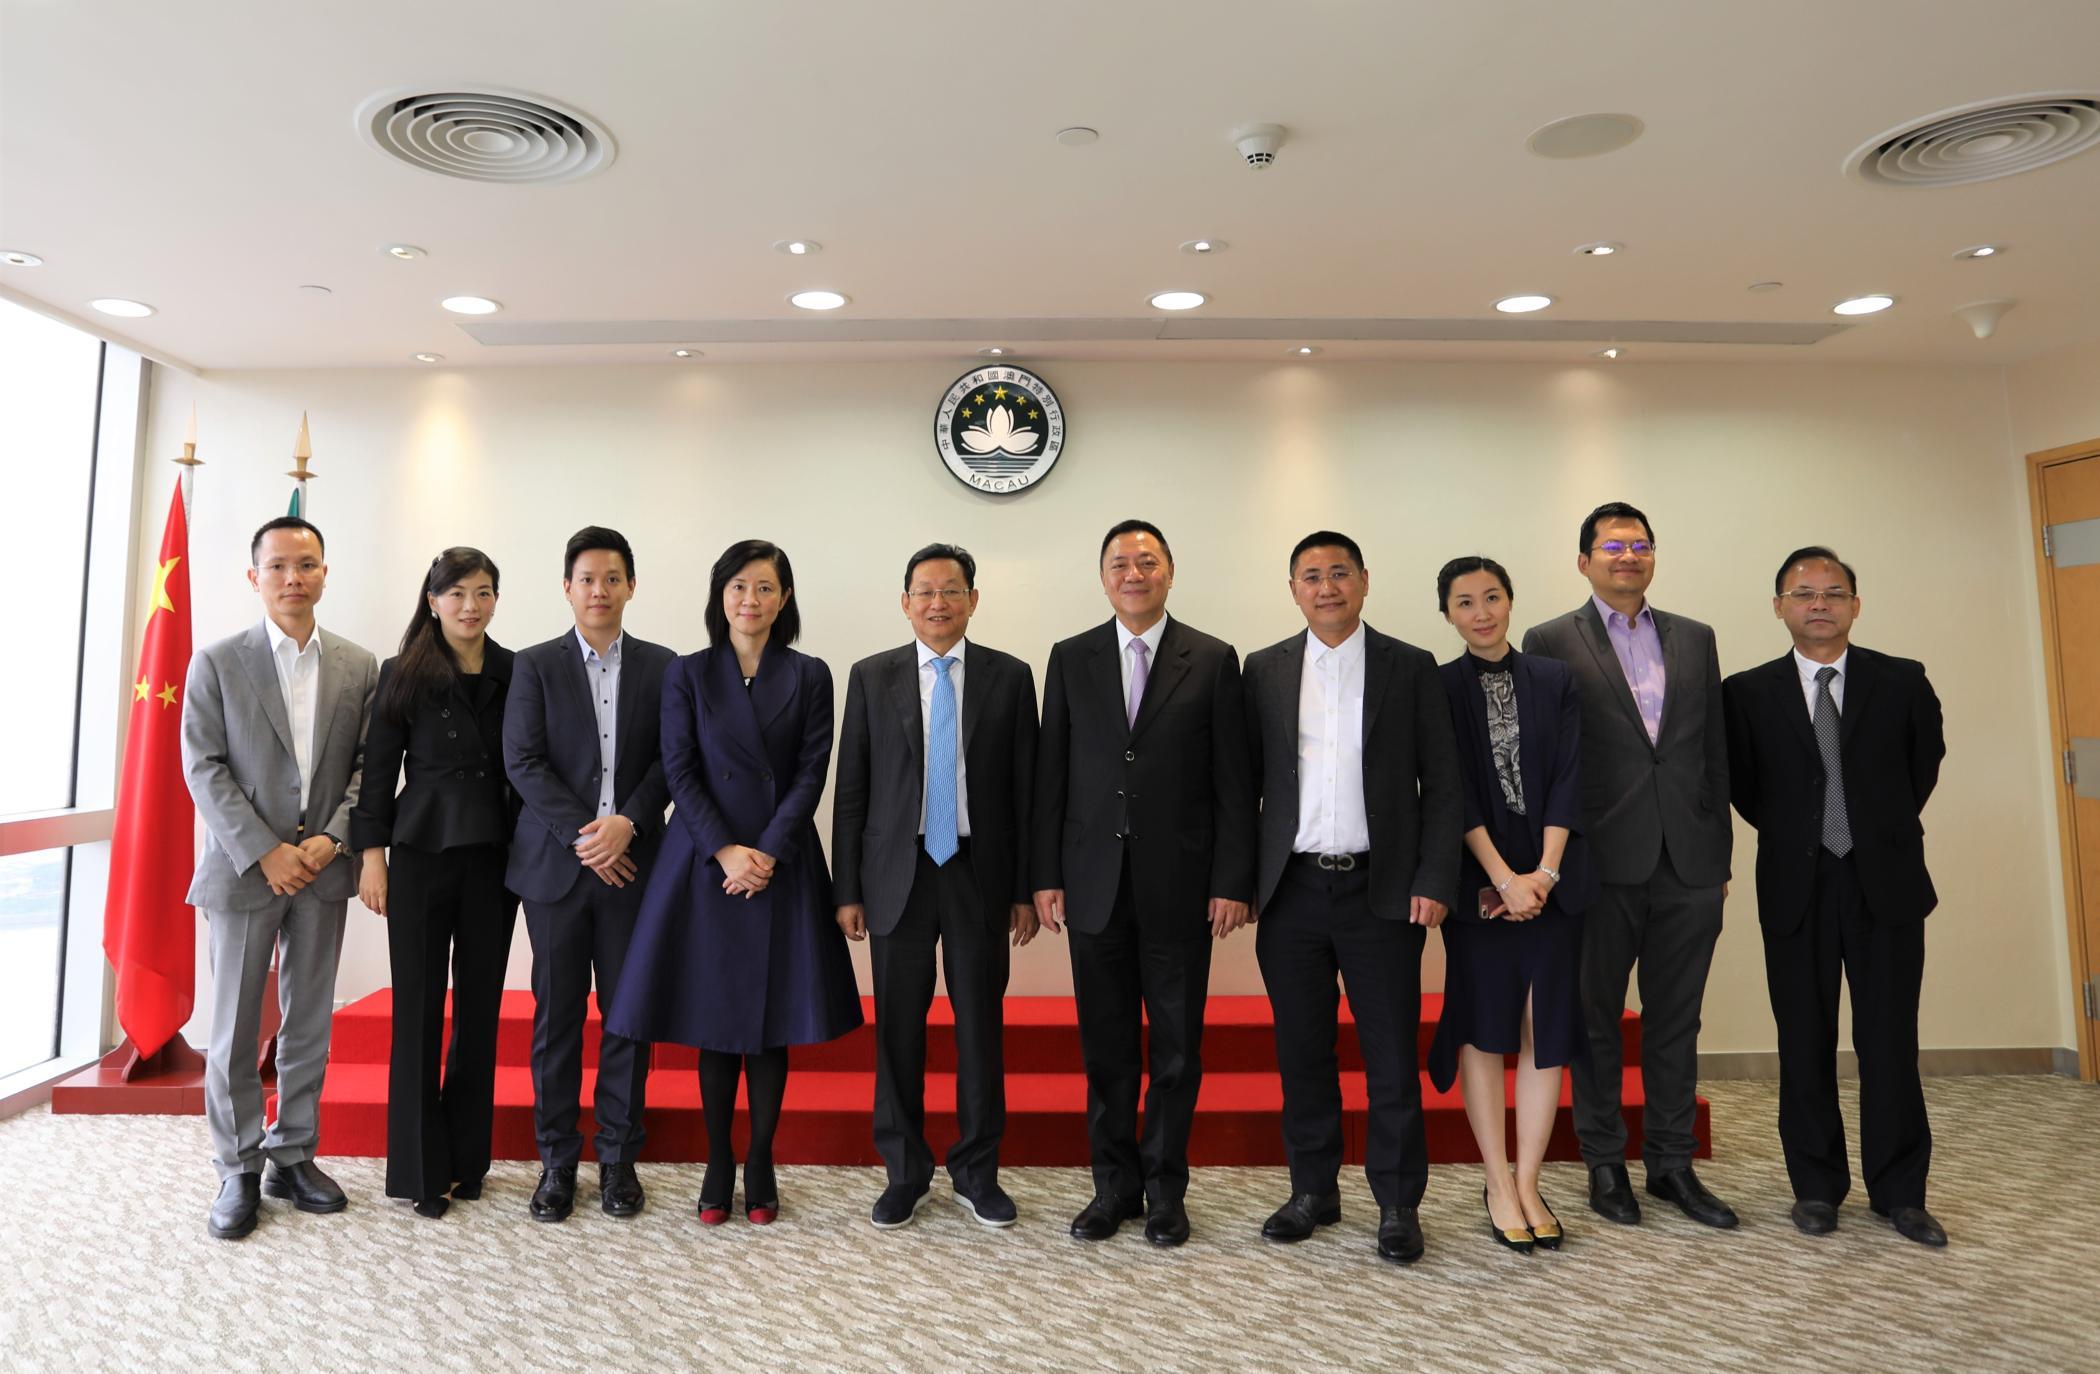 Medicina Tradicional Chinesa | Empresas da China querem investir em Macau